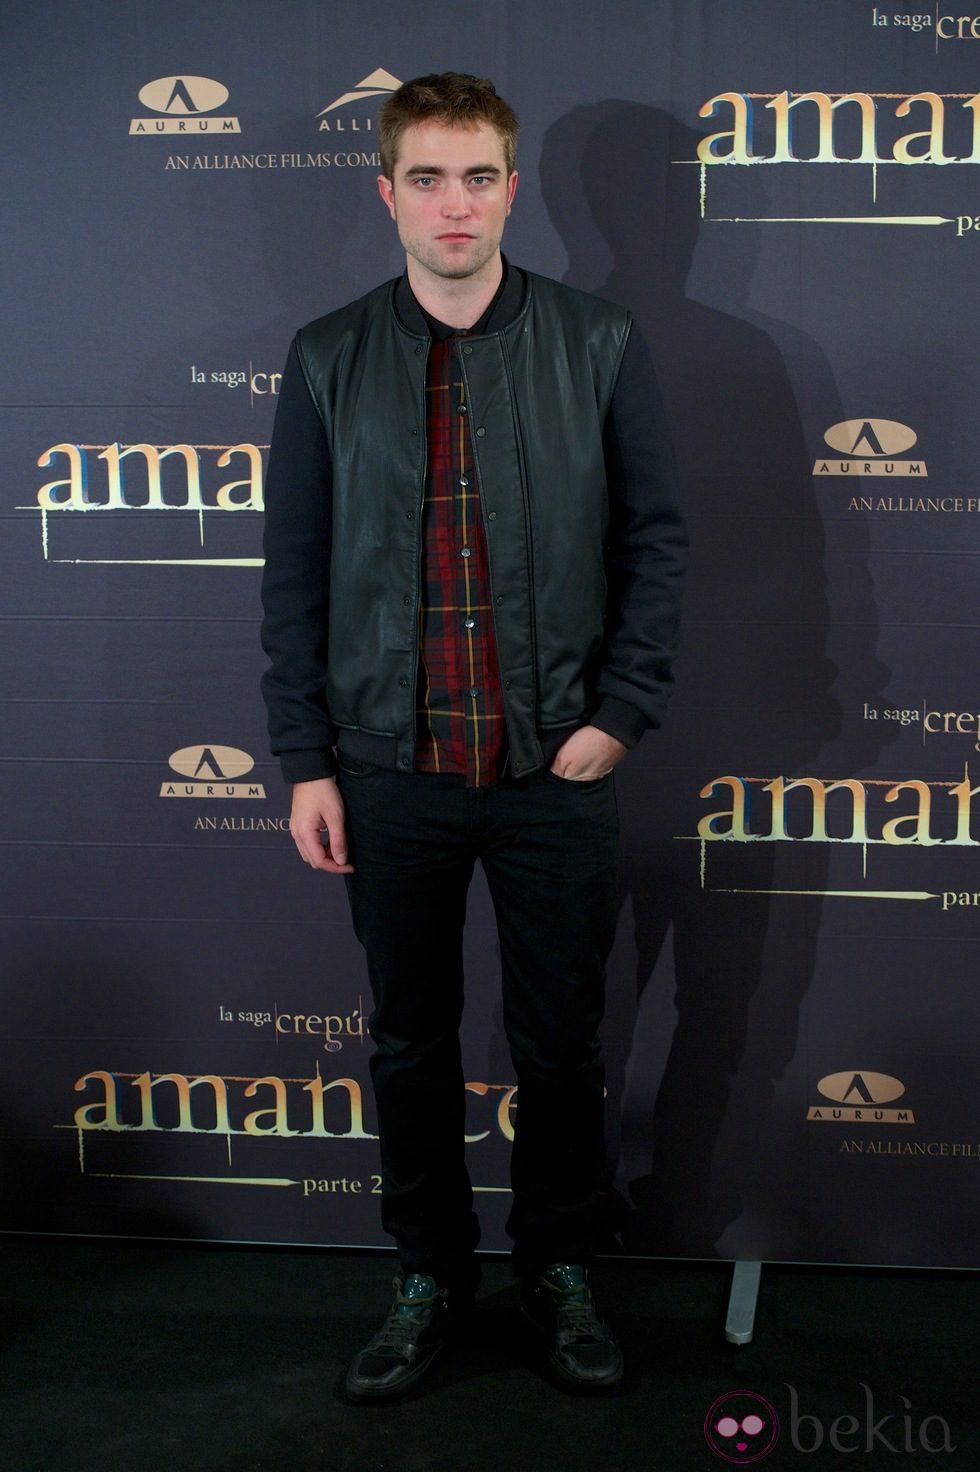 Robert Pattinson en la presentación de 'Amanecer. Parte 2' en Madrid